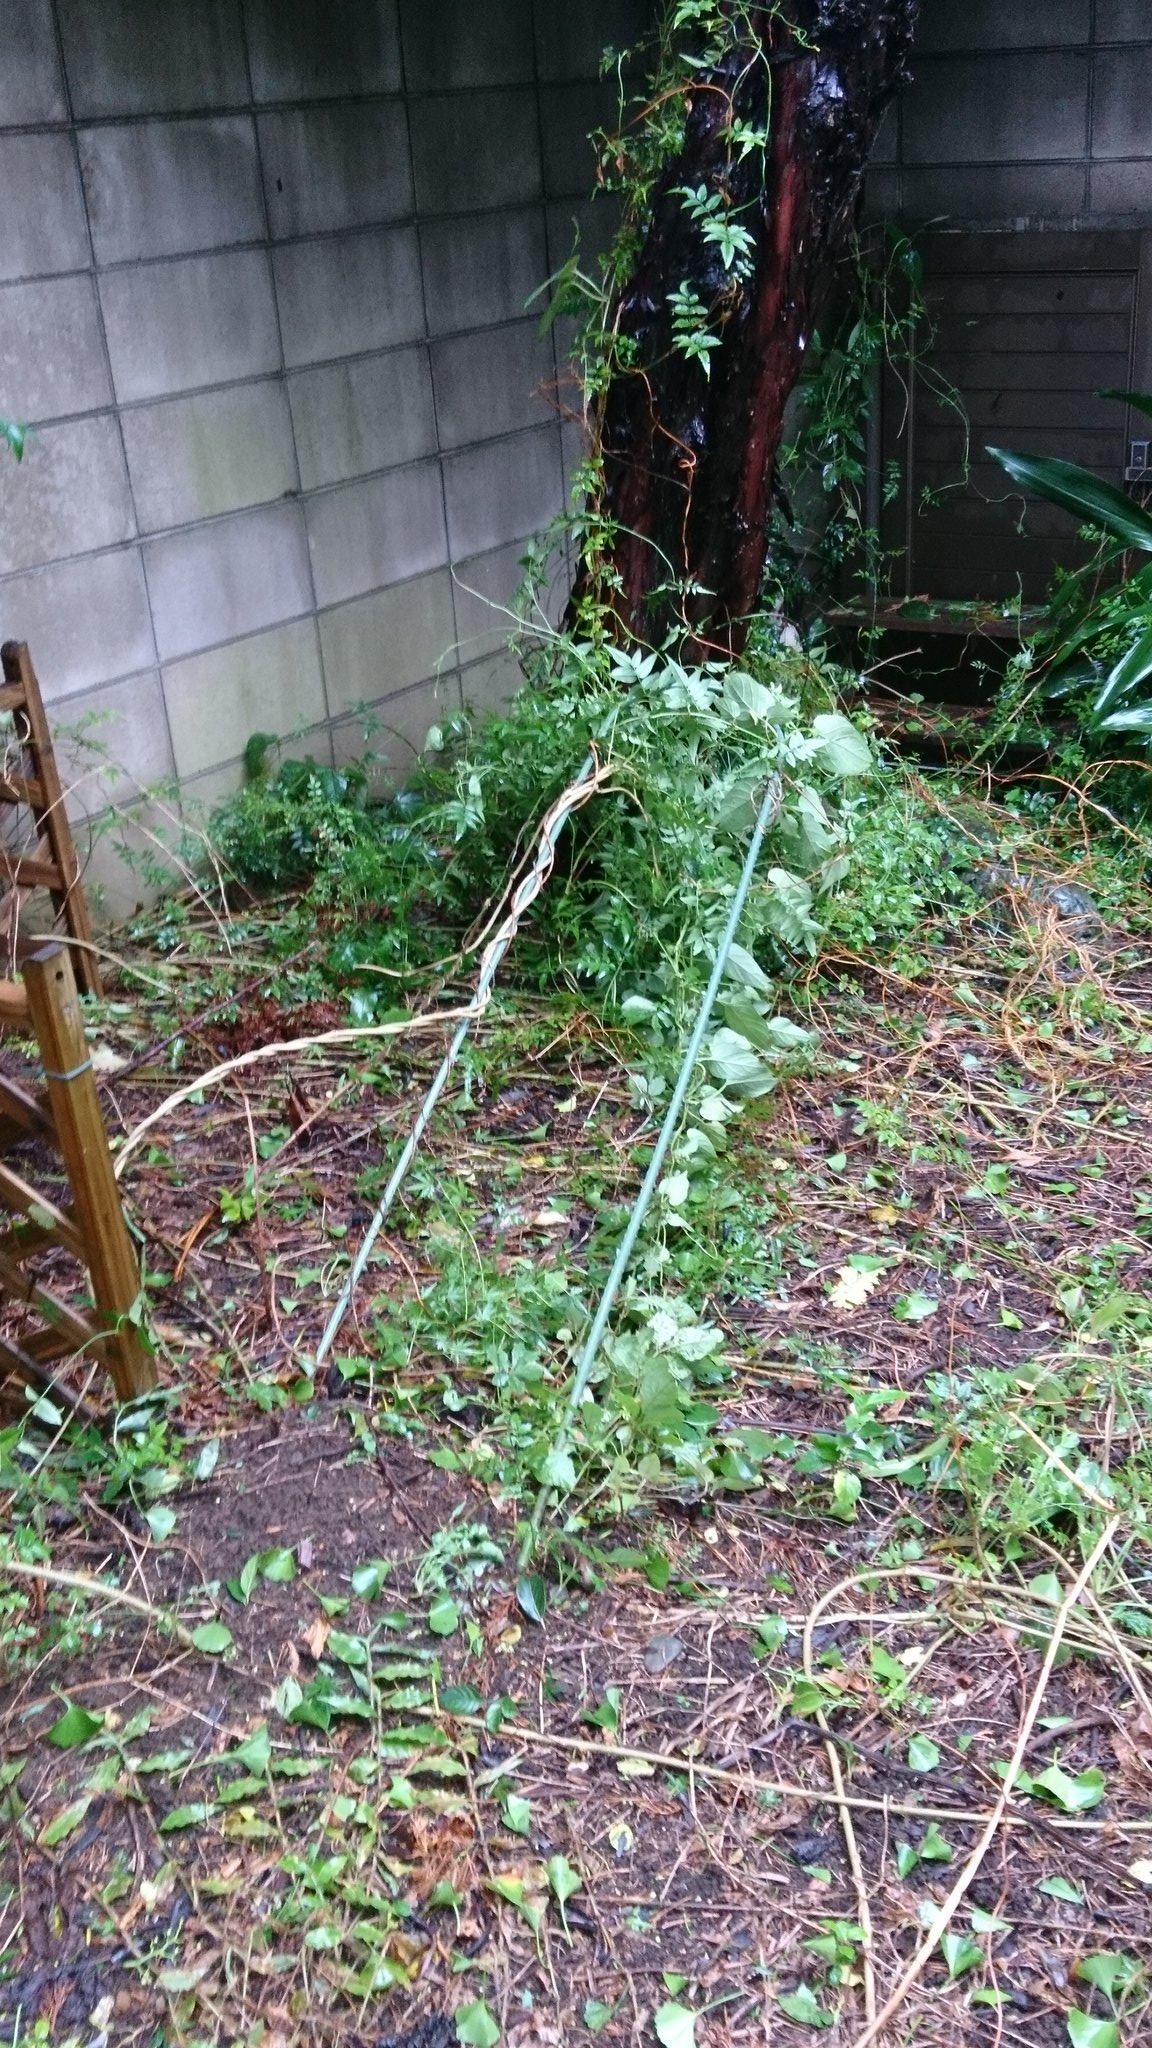 画像,台風のせいで庭木がメチャメチャだし、電車も動いてないから千葉県から出れないし💨家の回りも街路樹の残骸だらけ。独女なんだから片付けも一人だよ。面倒くさいことこの上…